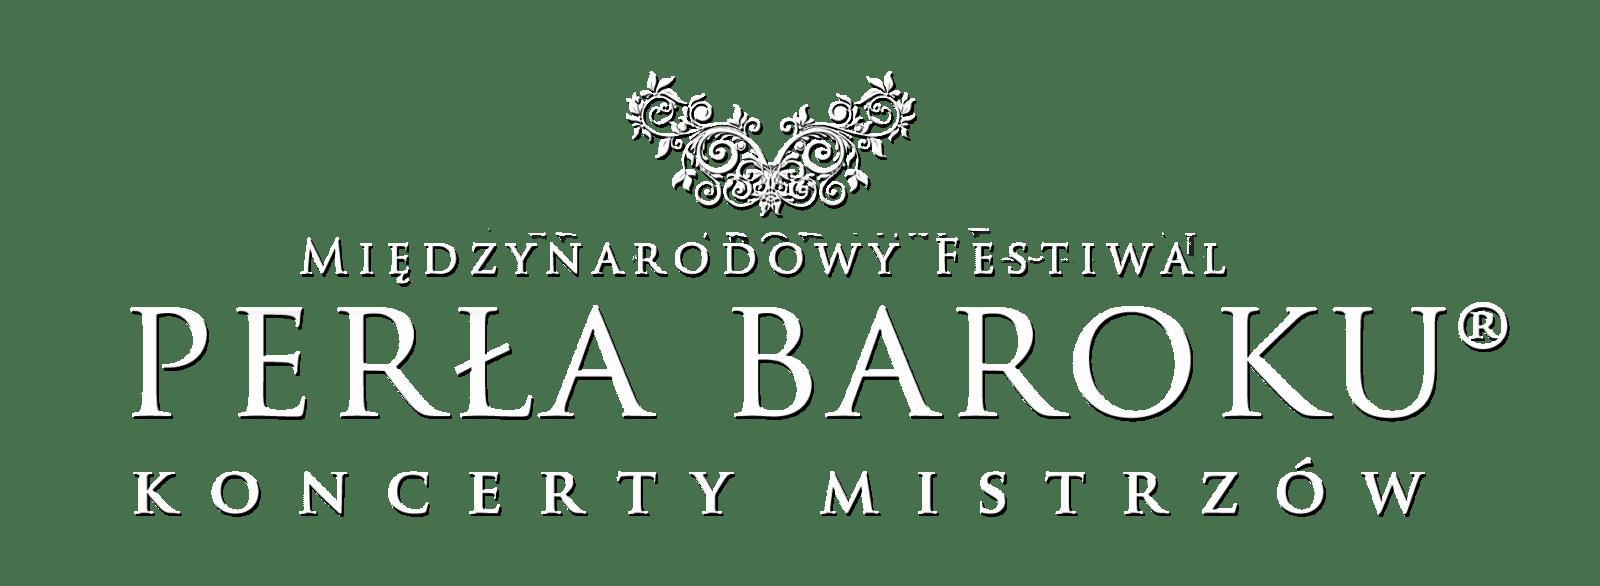 MIĘDZYNARODOWY FESTIWAL PERŁA BAROKU - KONCERTY MISTRZÓW